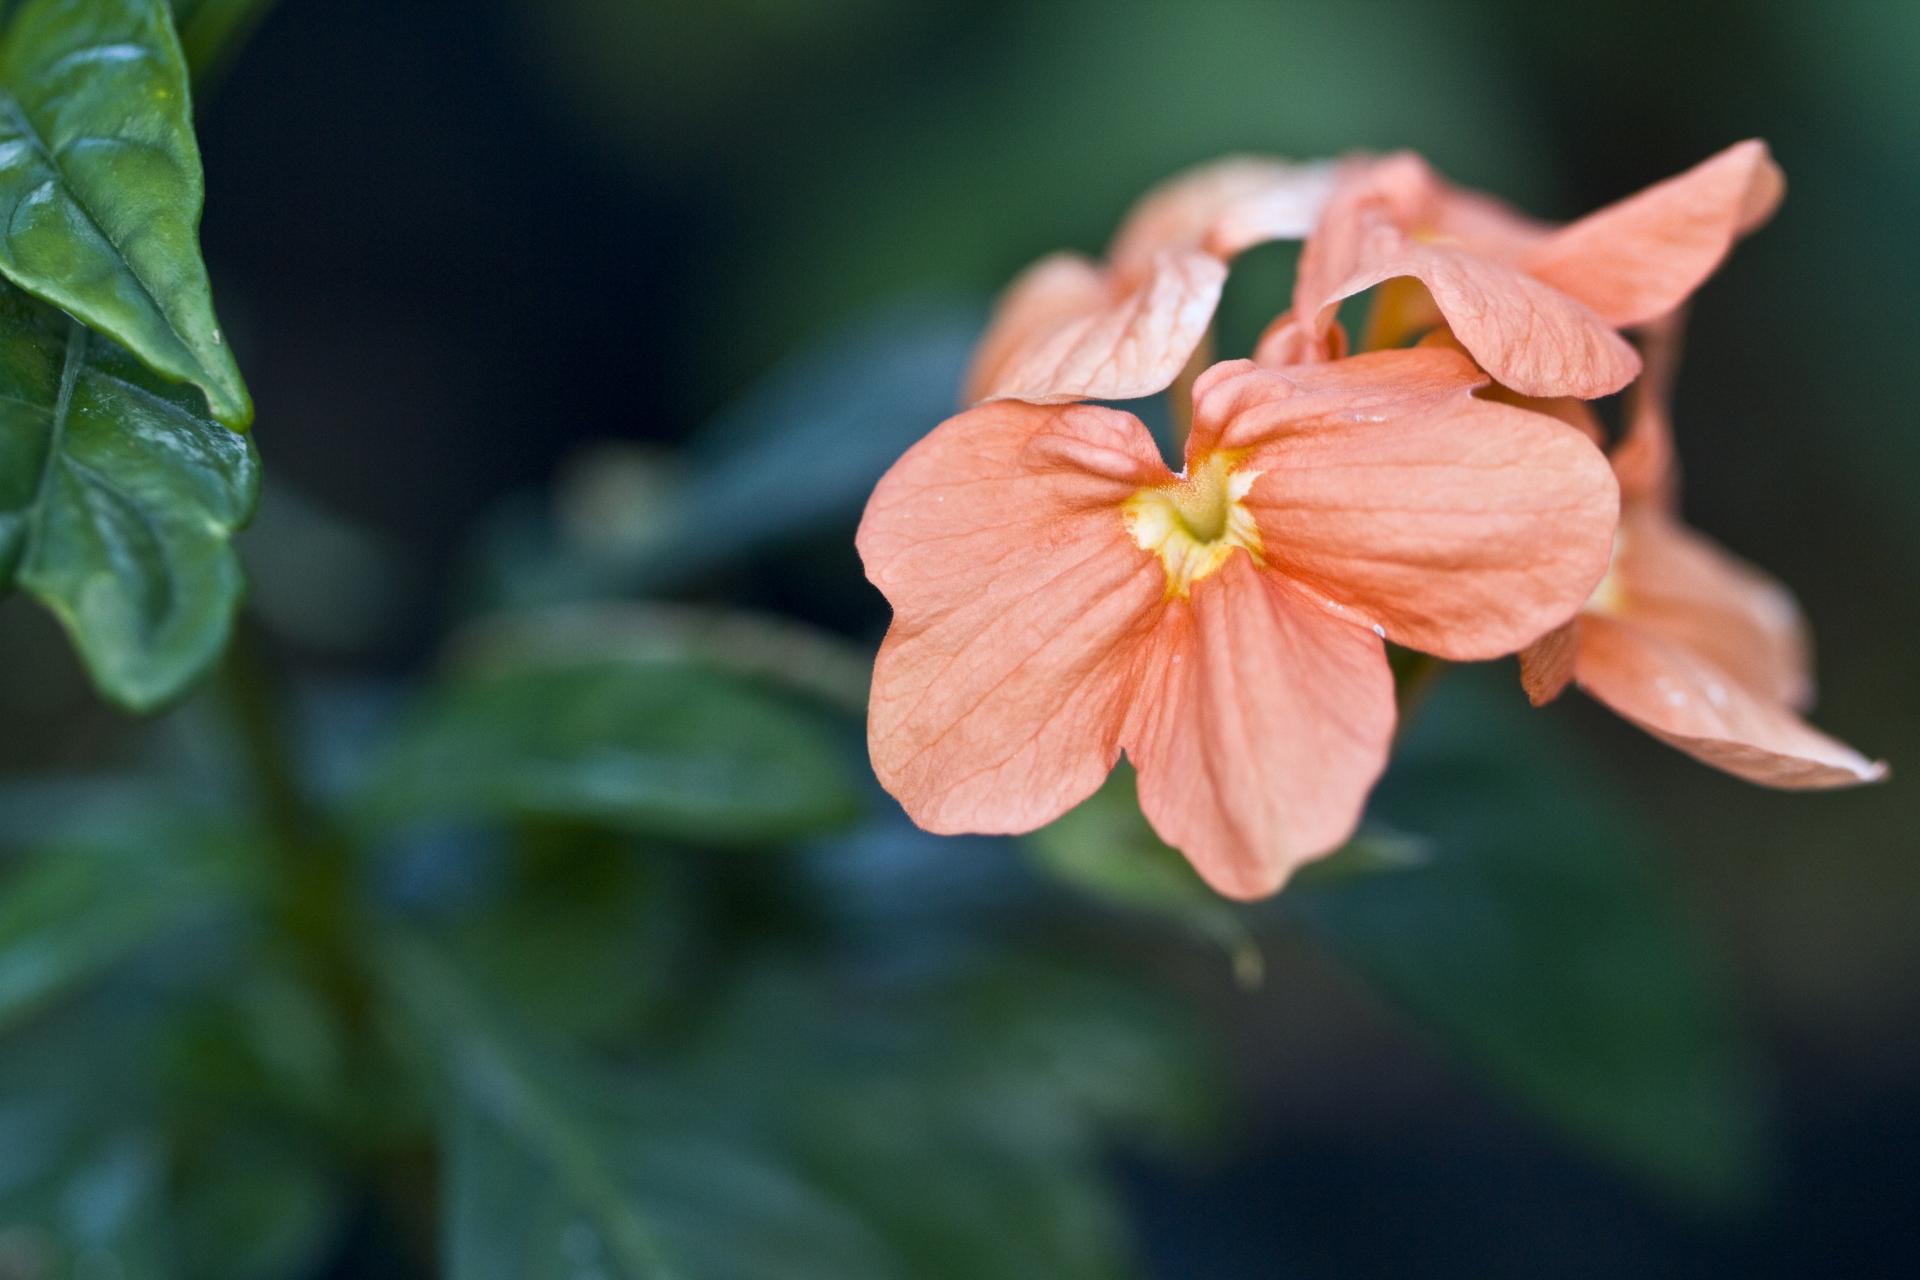 ガーデン用品屋さんの花図鑑 クロッサンドラ